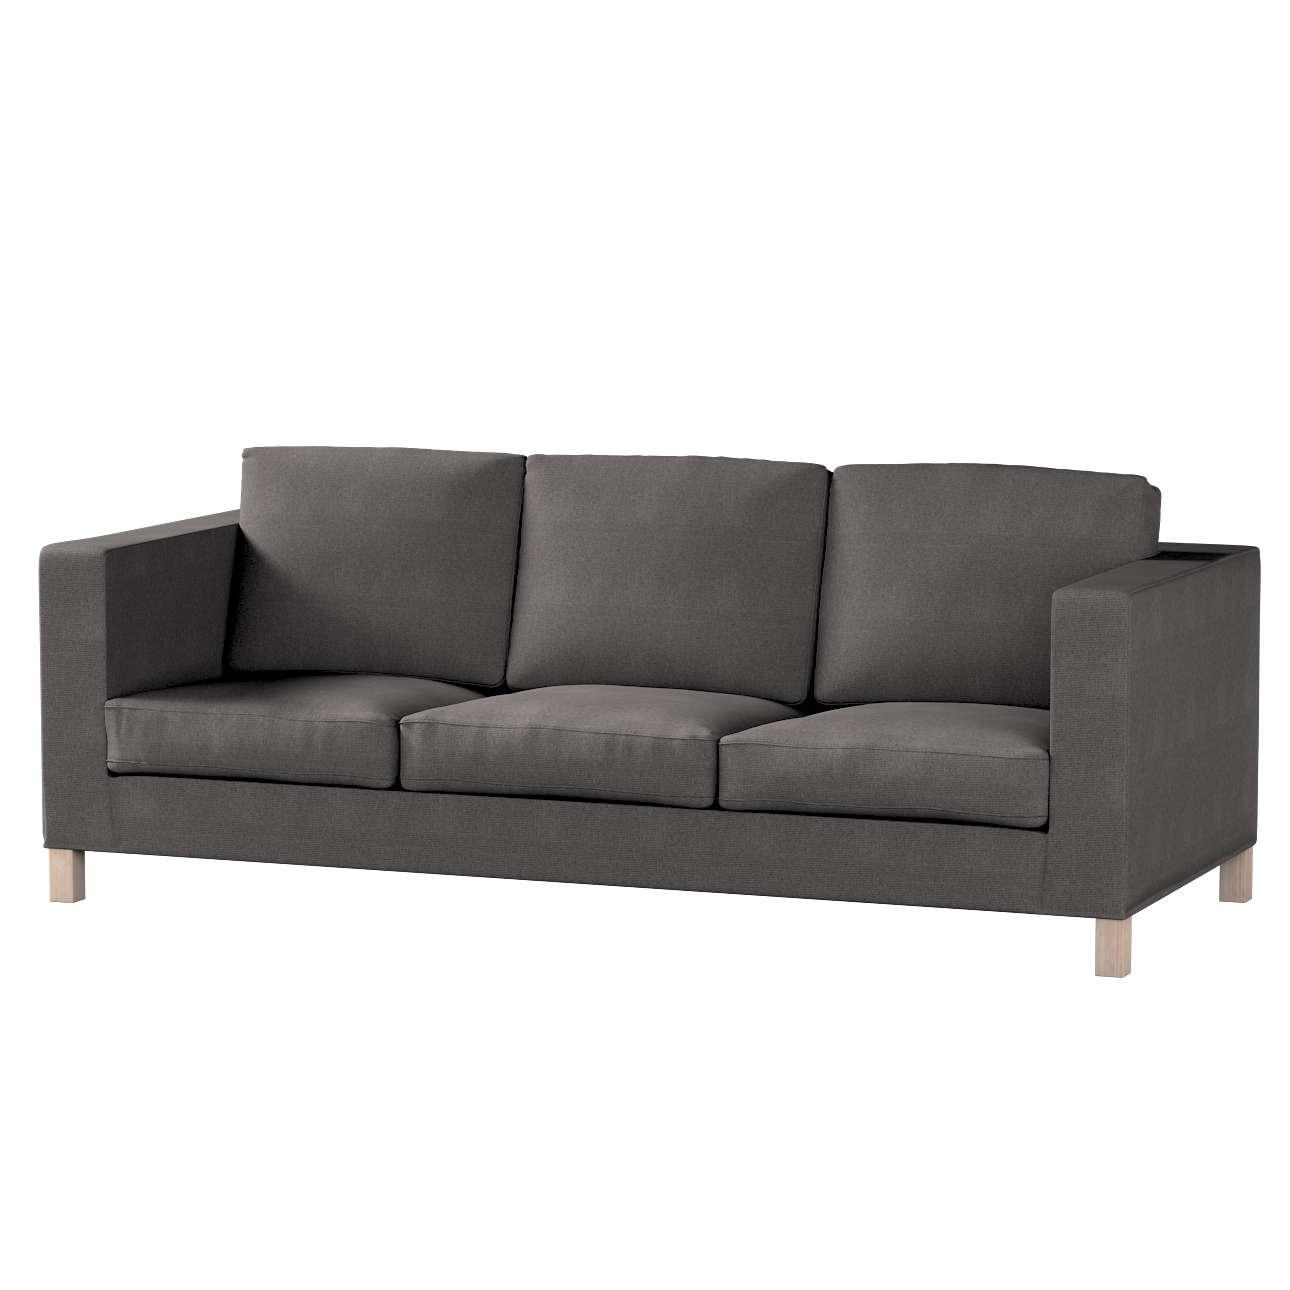 KARLANDA trivietės sofos užvalkalas KARLANDA trivietės sofos užvalkalas kolekcijoje Etna , audinys: 705-35